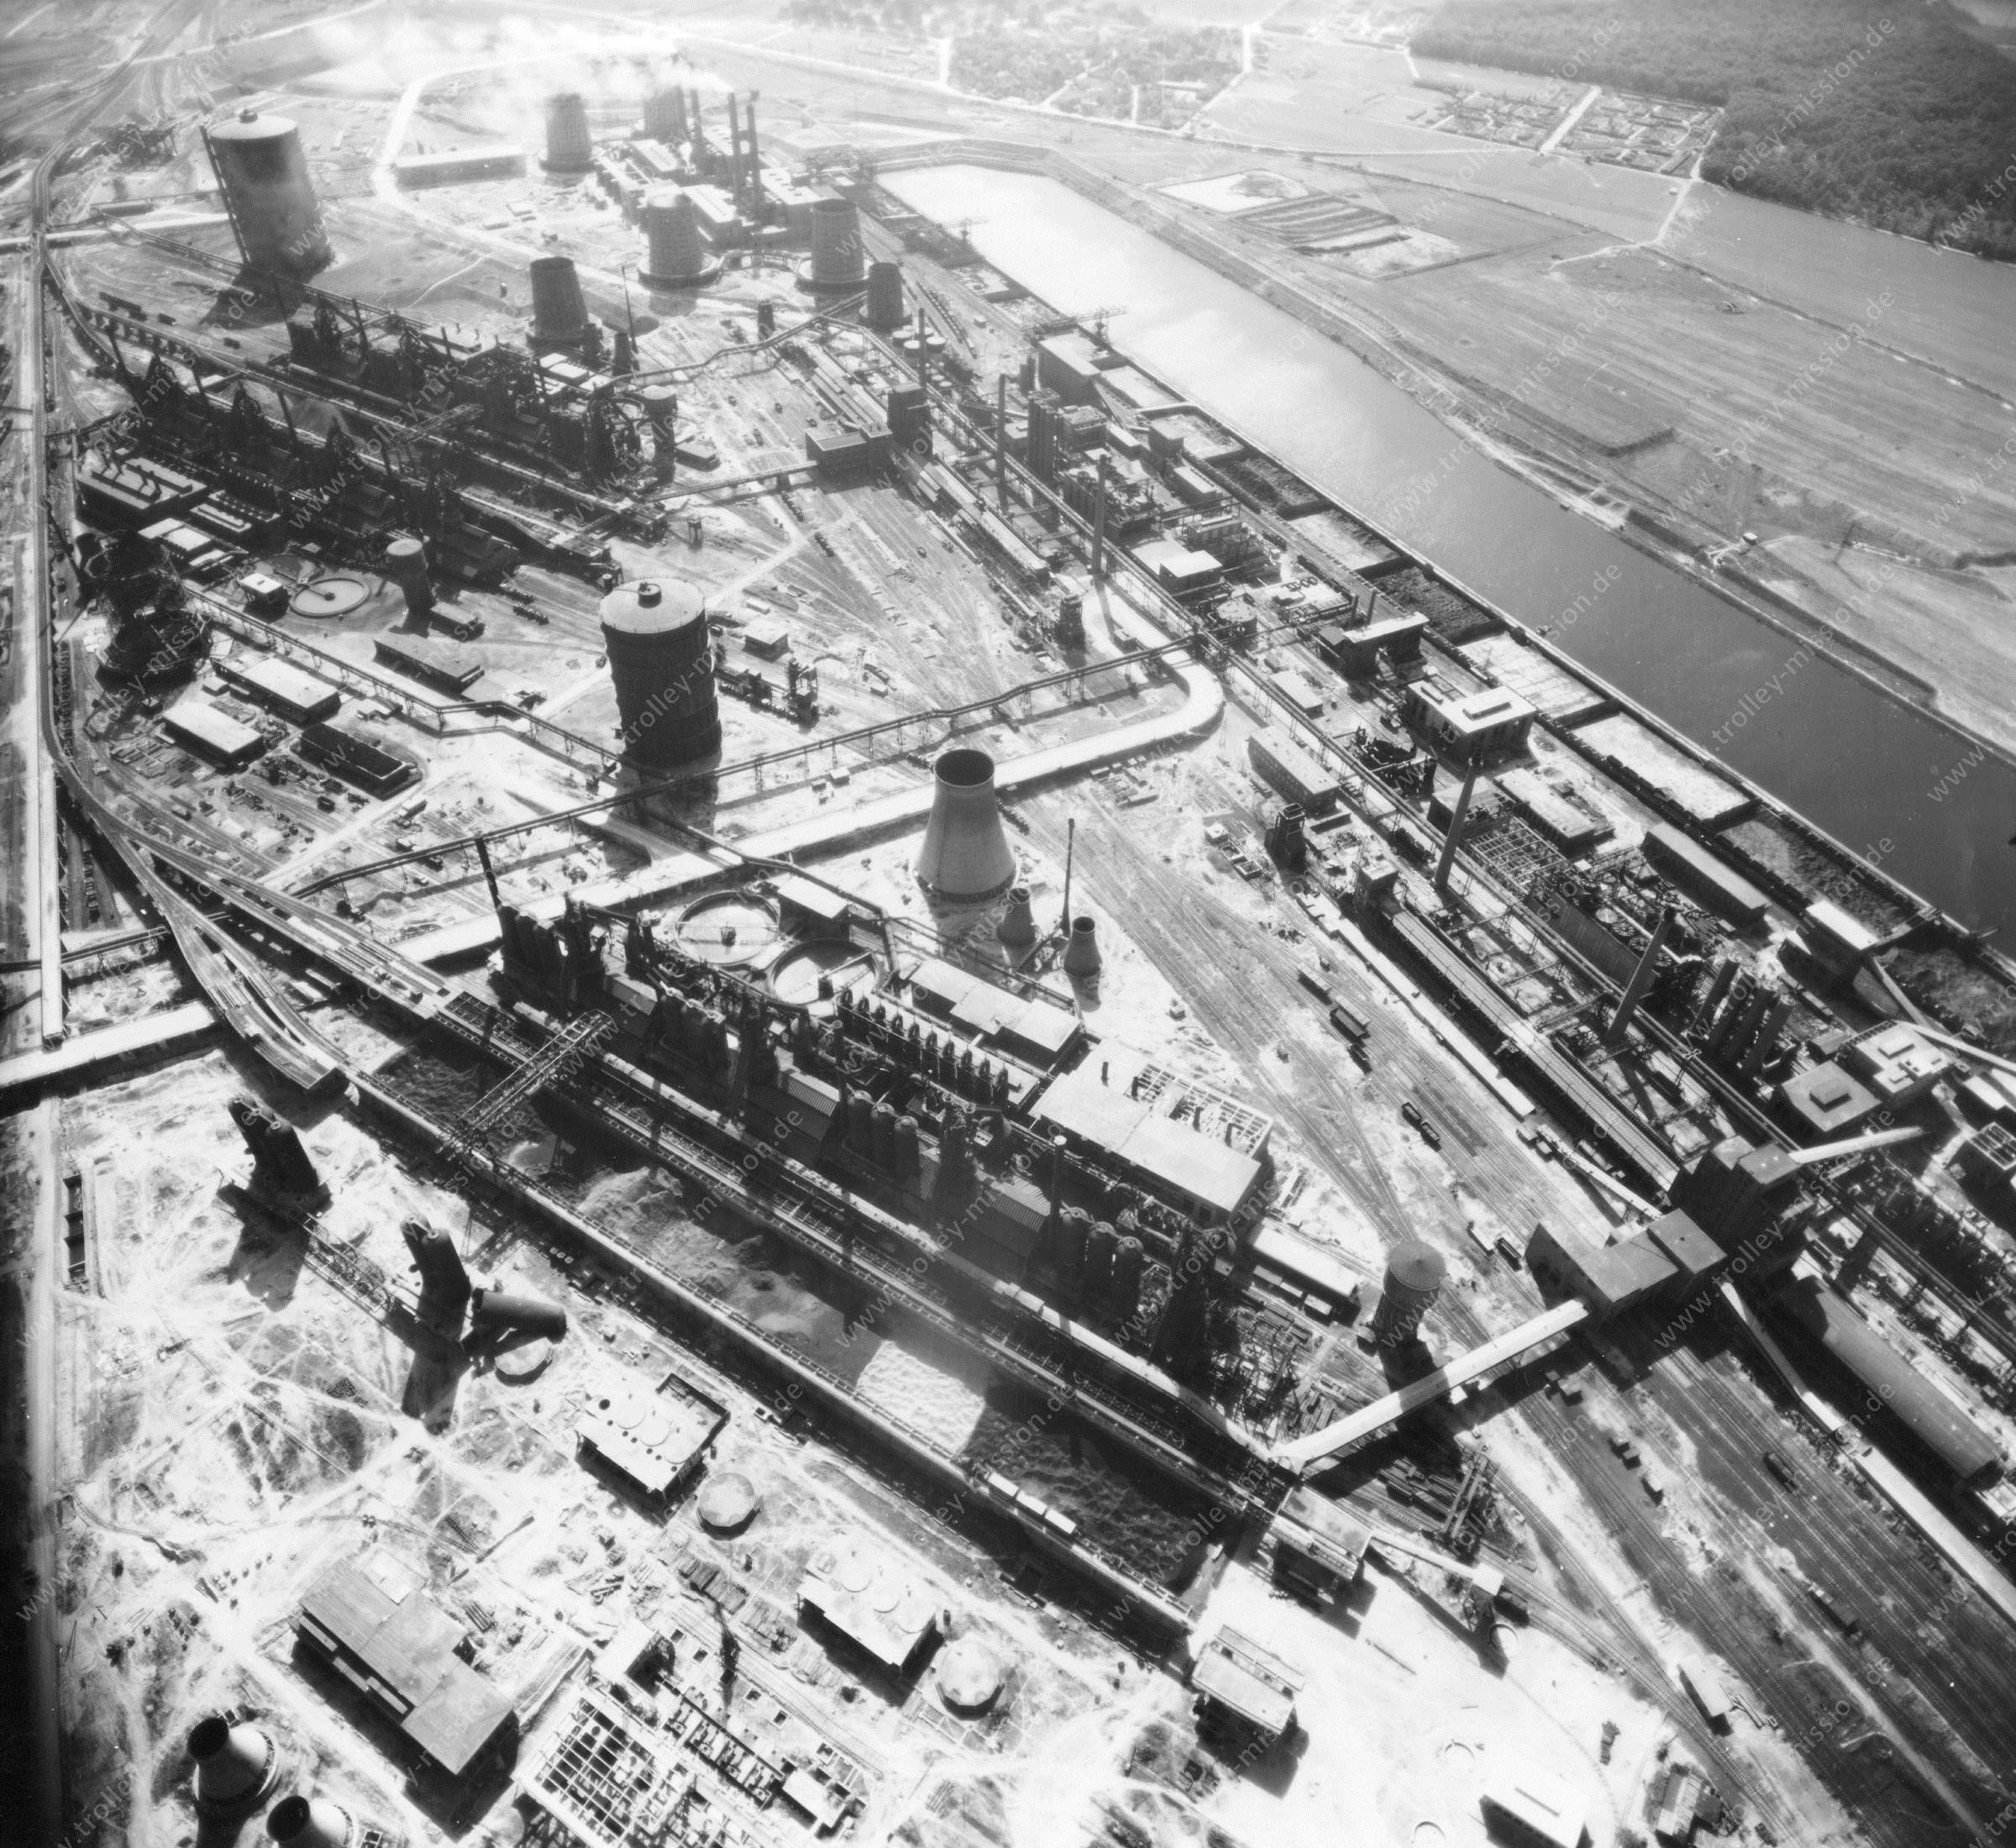 Salzgitter Reichswerke Hermann Göring from above: Aerial view after Allied air raids in World War II